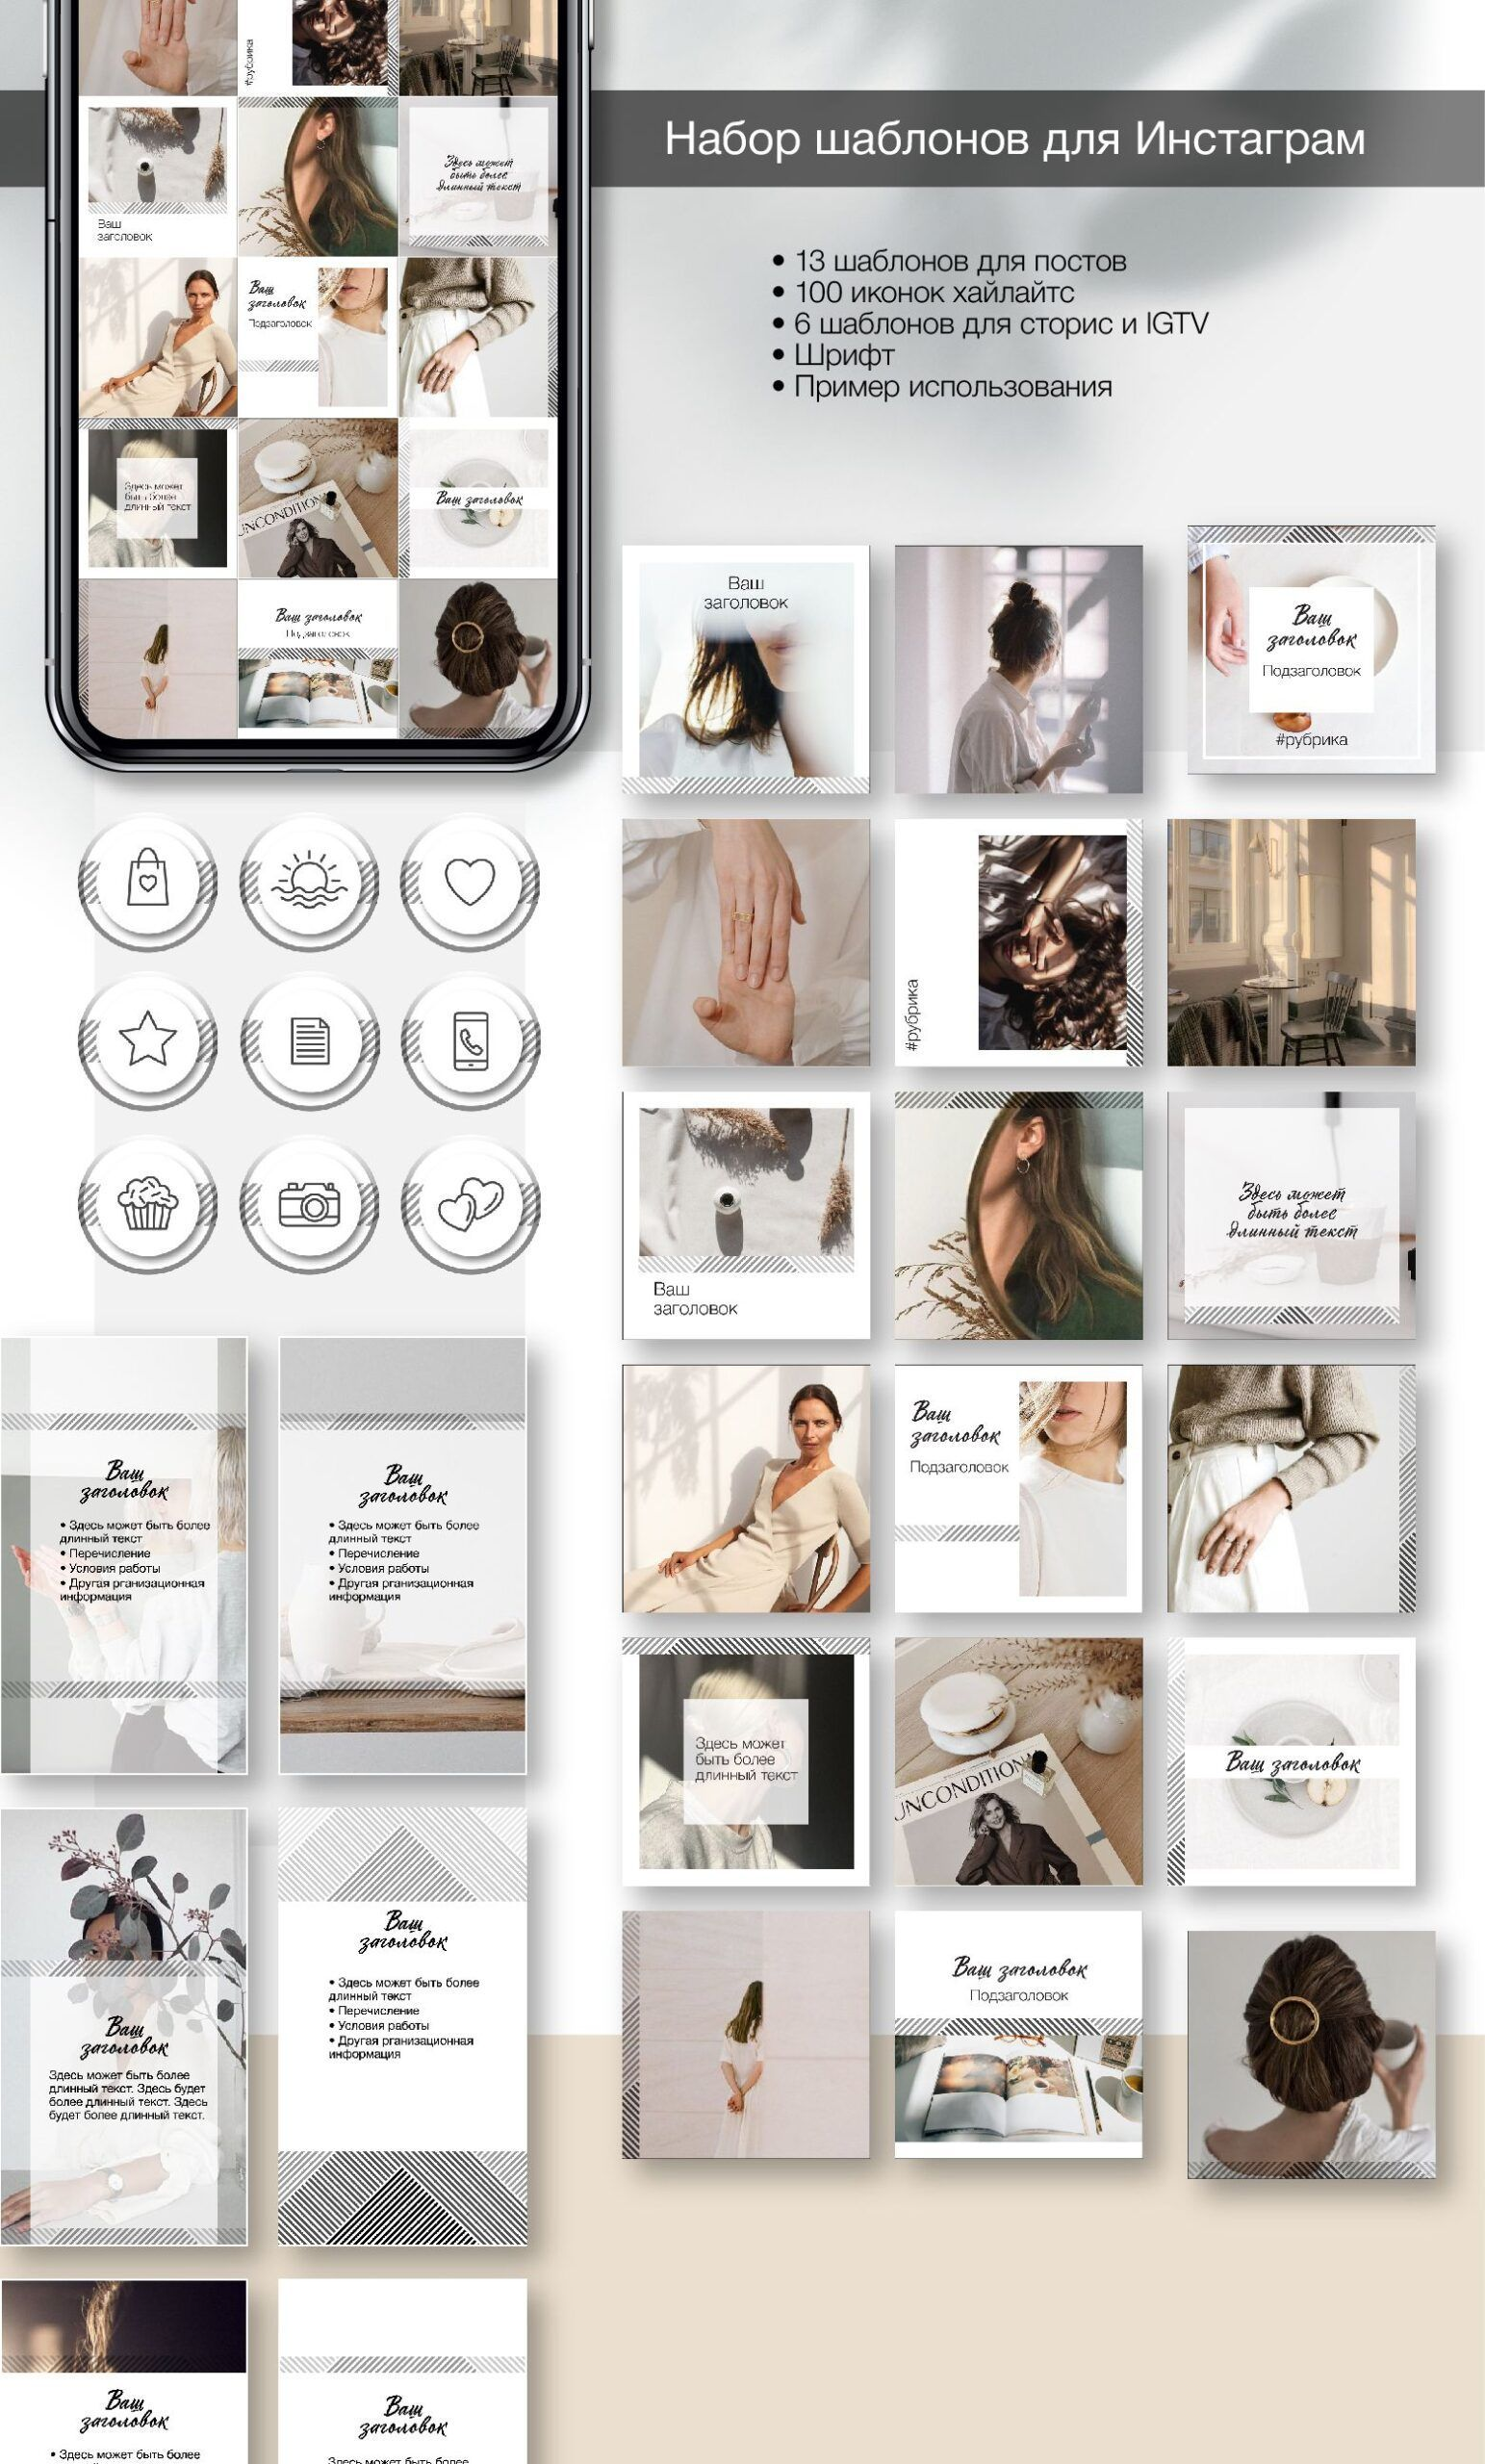 Gotovyj Nabor Shablonov Dlya Postov I Storiz Profilya Instagram Ikonki Hajlajts Aktualnoe In 2020 Instagram Grid Design Instagram Template Design Instagram Feed Layout